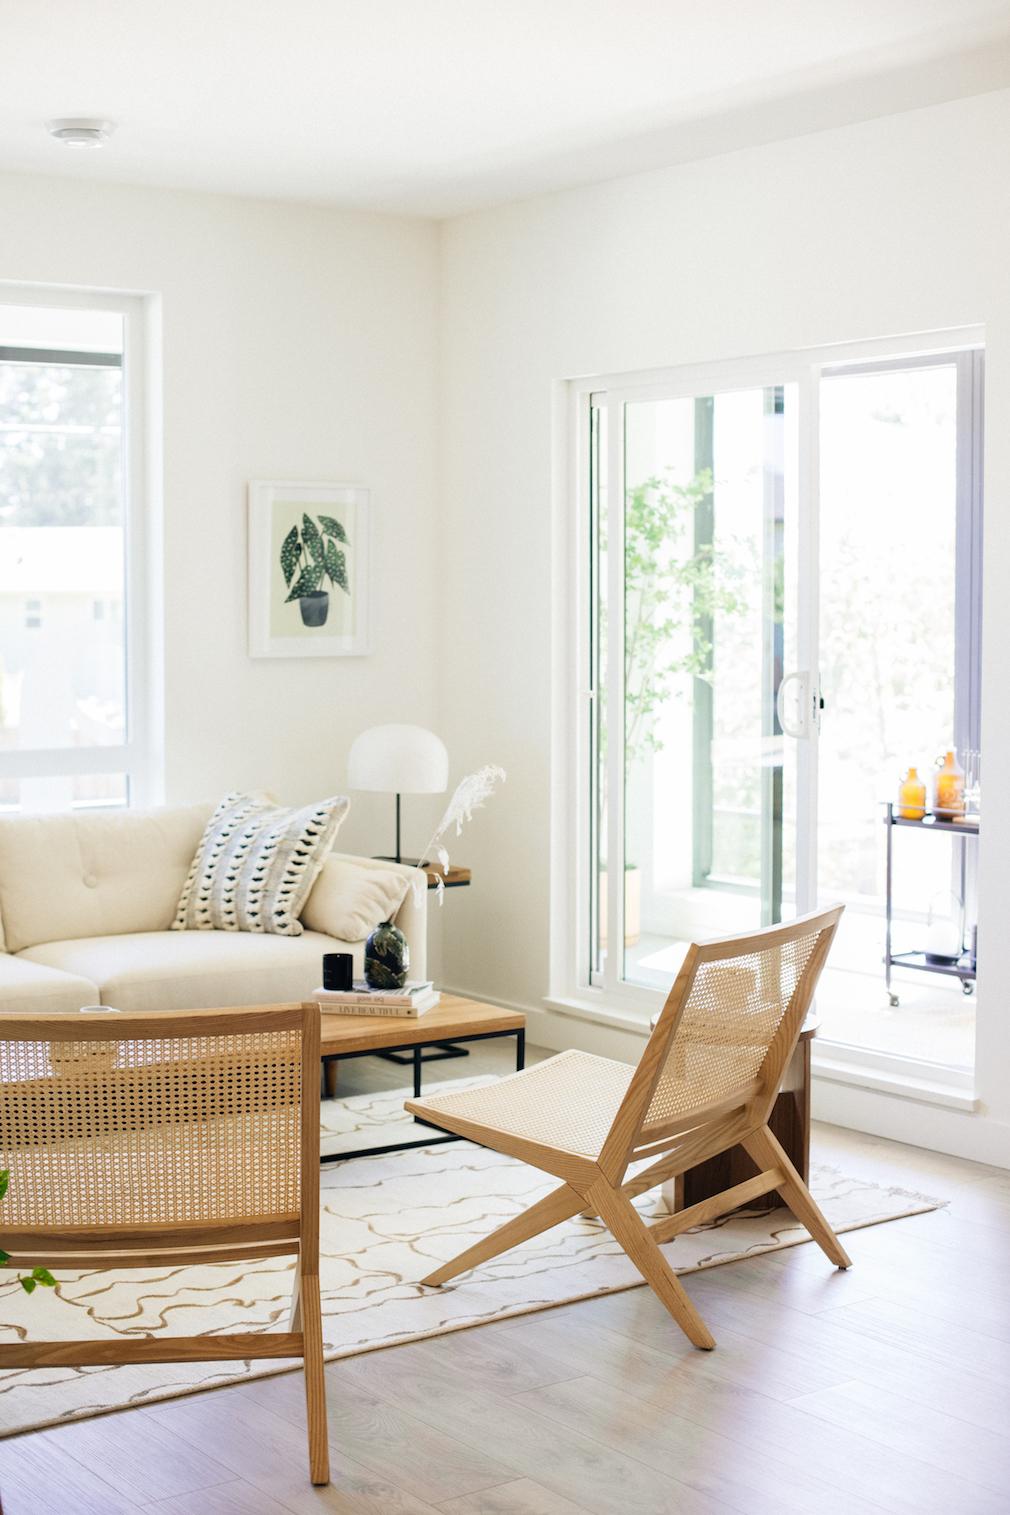 Living room in Harlo condo development